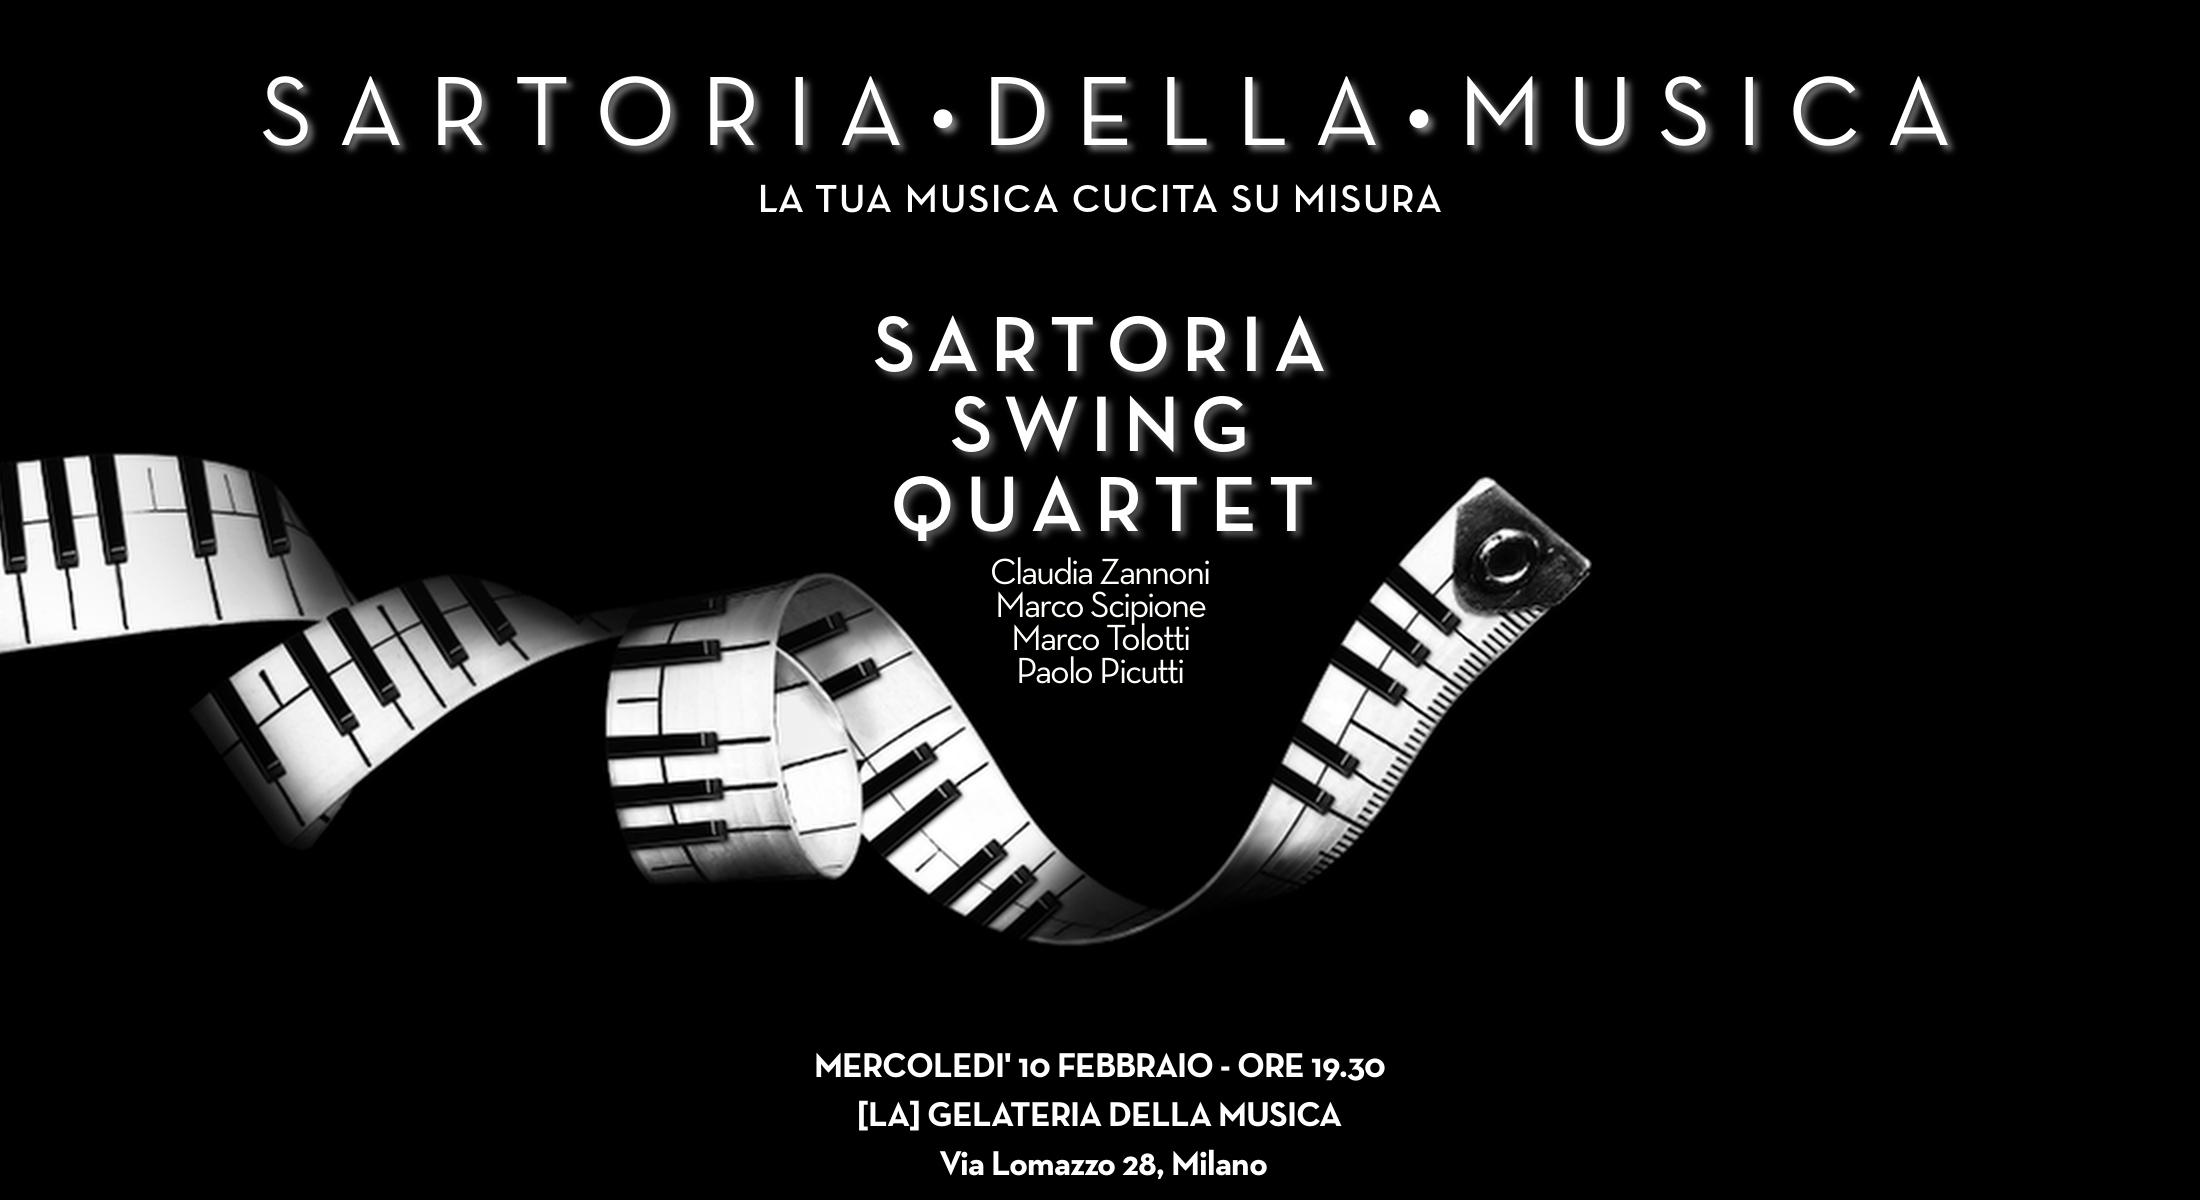 10 FEBBRAIO – SARTORIA INCONTRA [LA] GELATERIA DELLA MUSICA